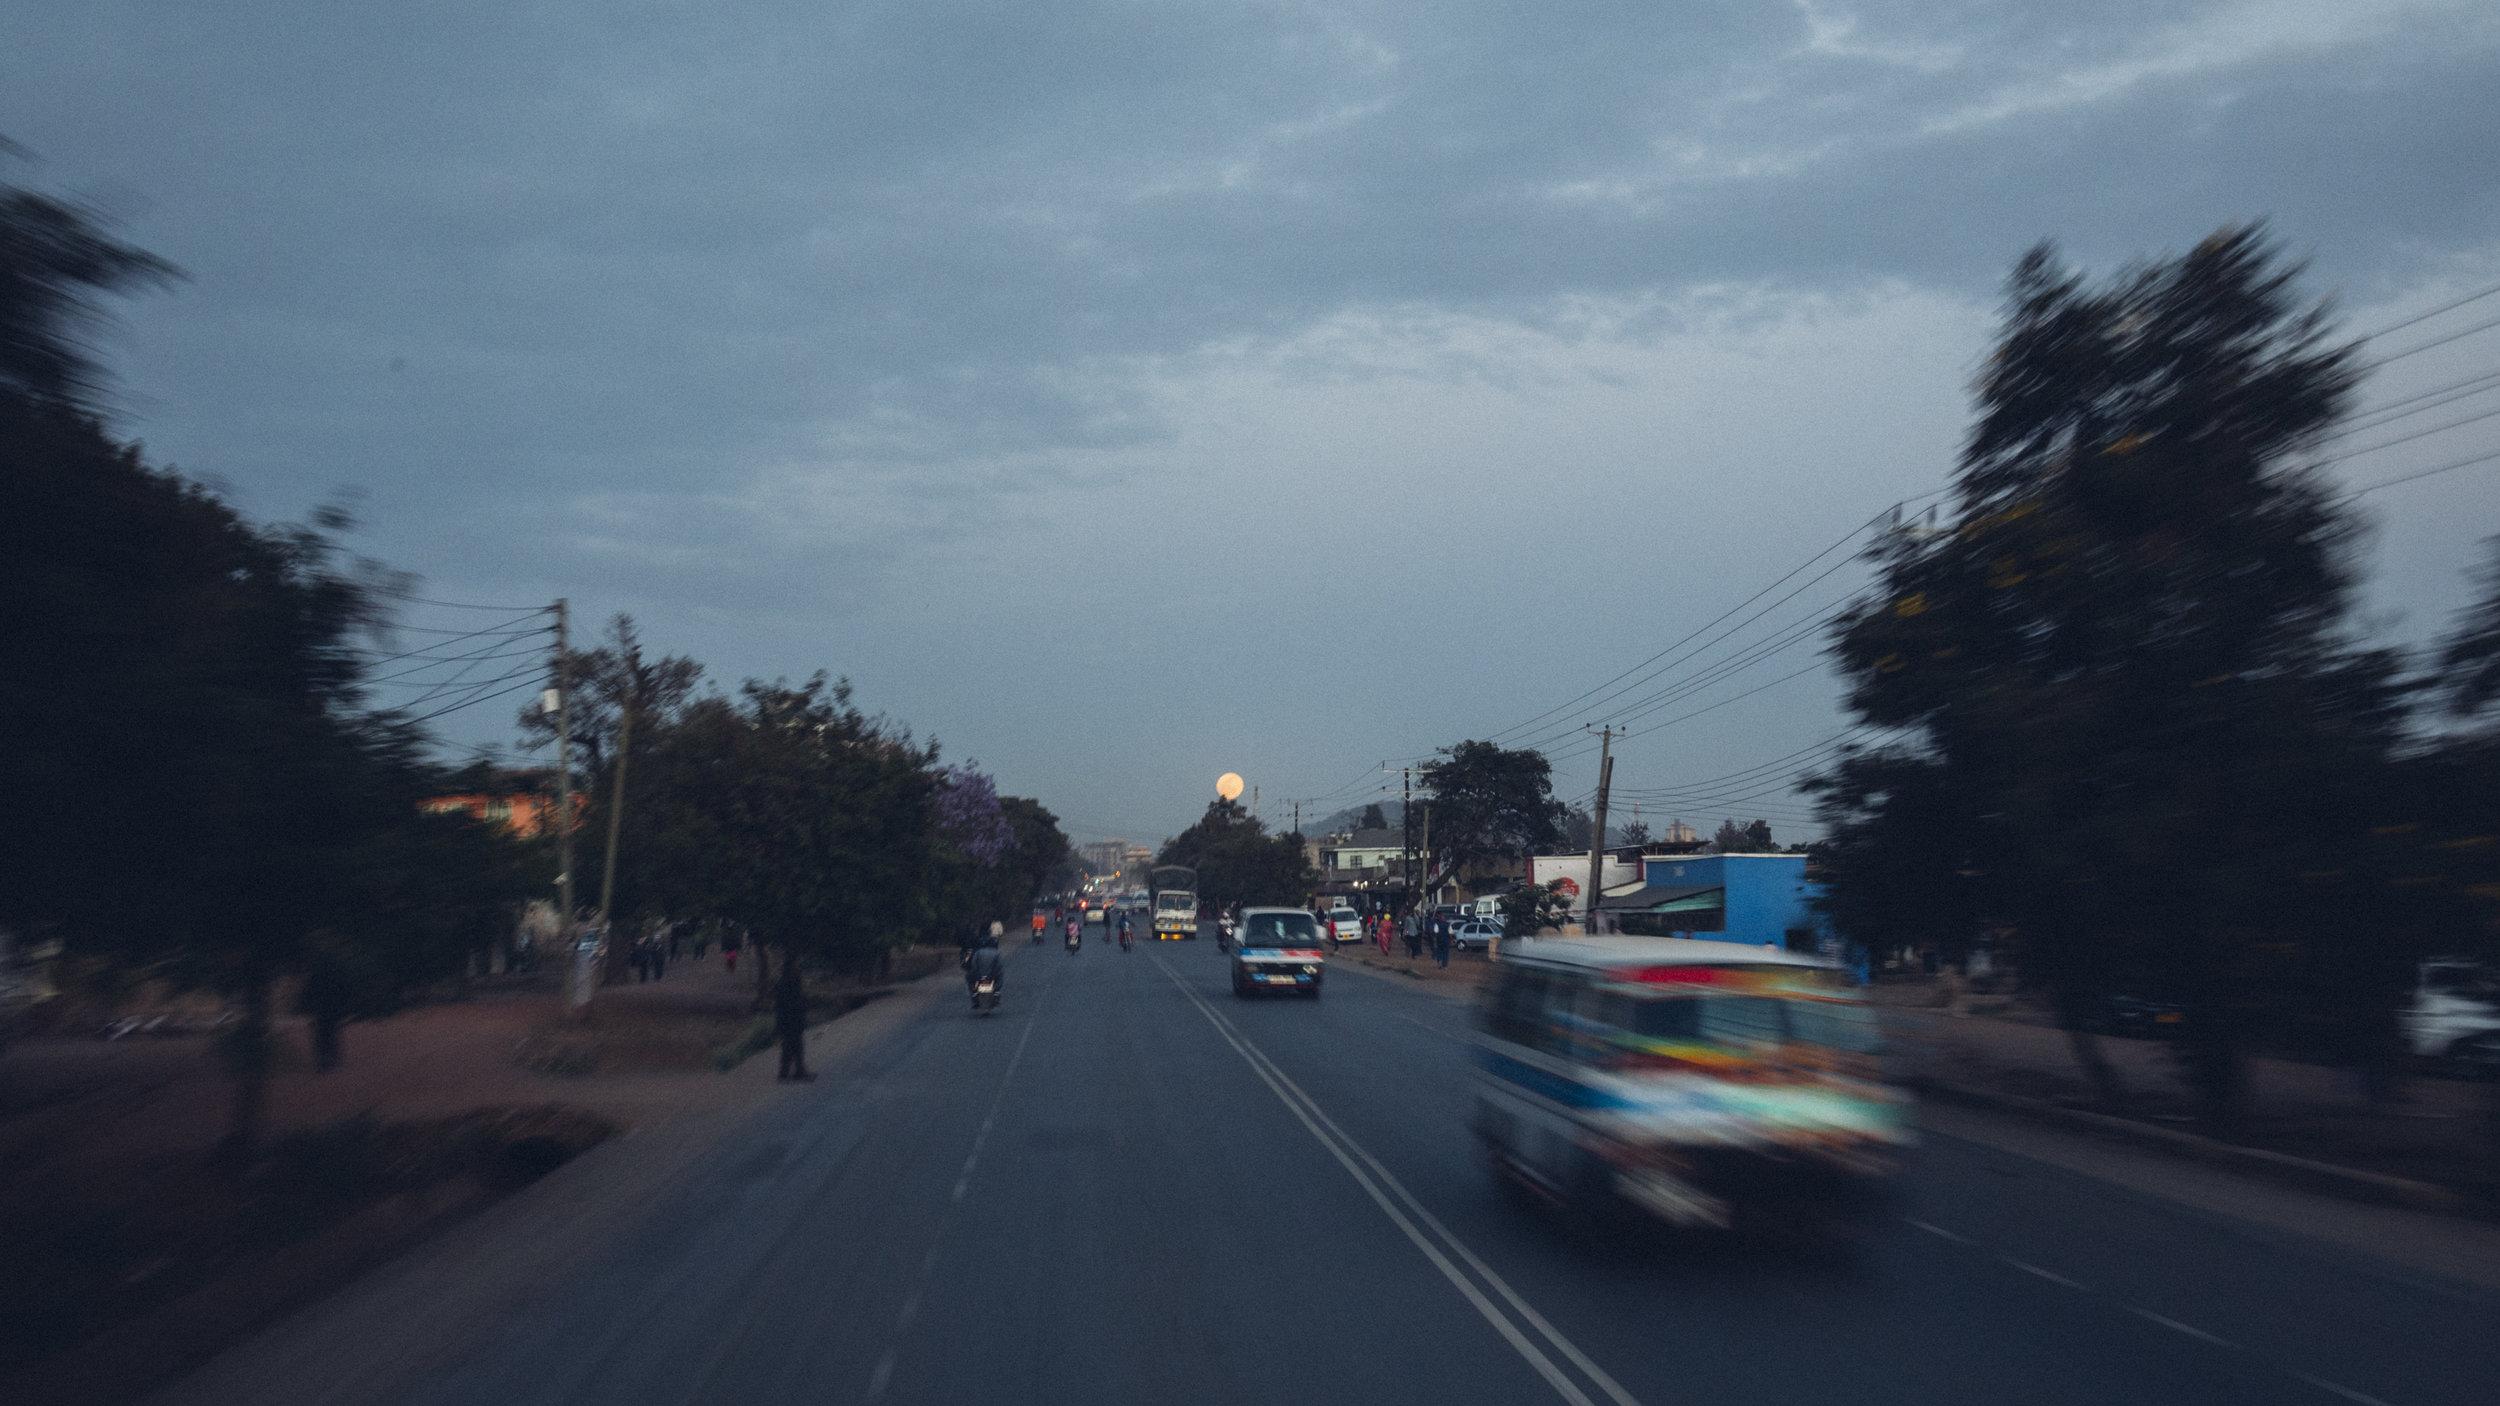 BVH_Tanzania-6294.jpg